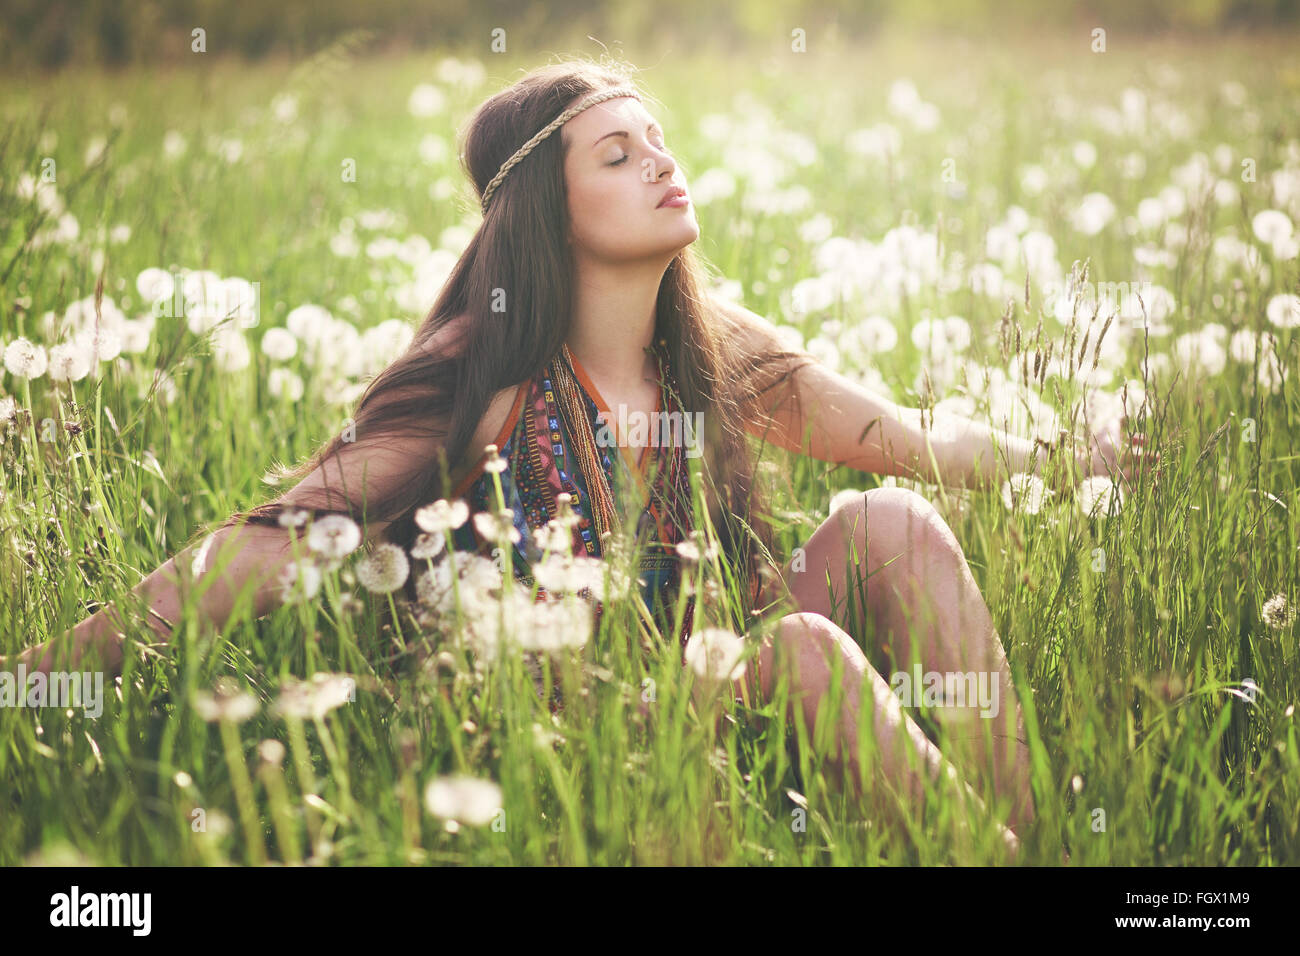 Bella donna hippie godendo della luce del sole in prato fiorito. Armonia con la natura Immagini Stock